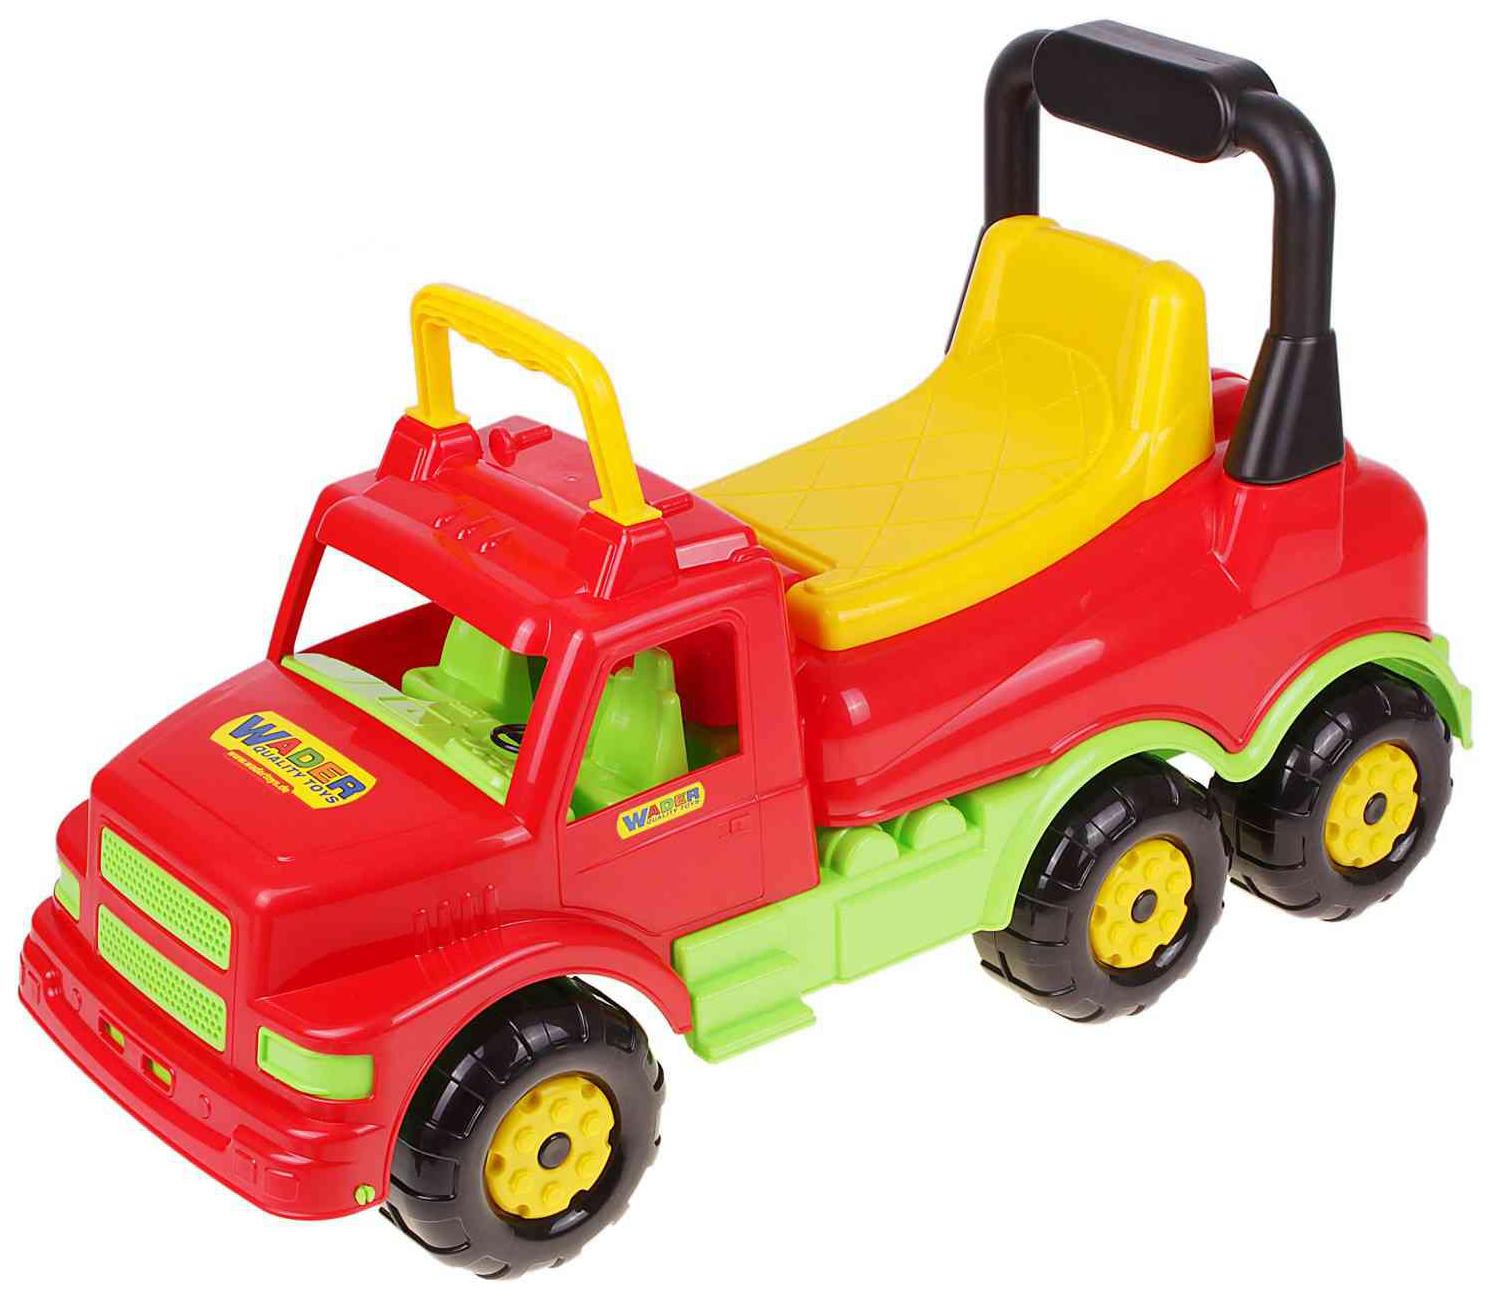 Купить Детский транспорт, Каталка-автомобиль Wader Буран №1 красная,